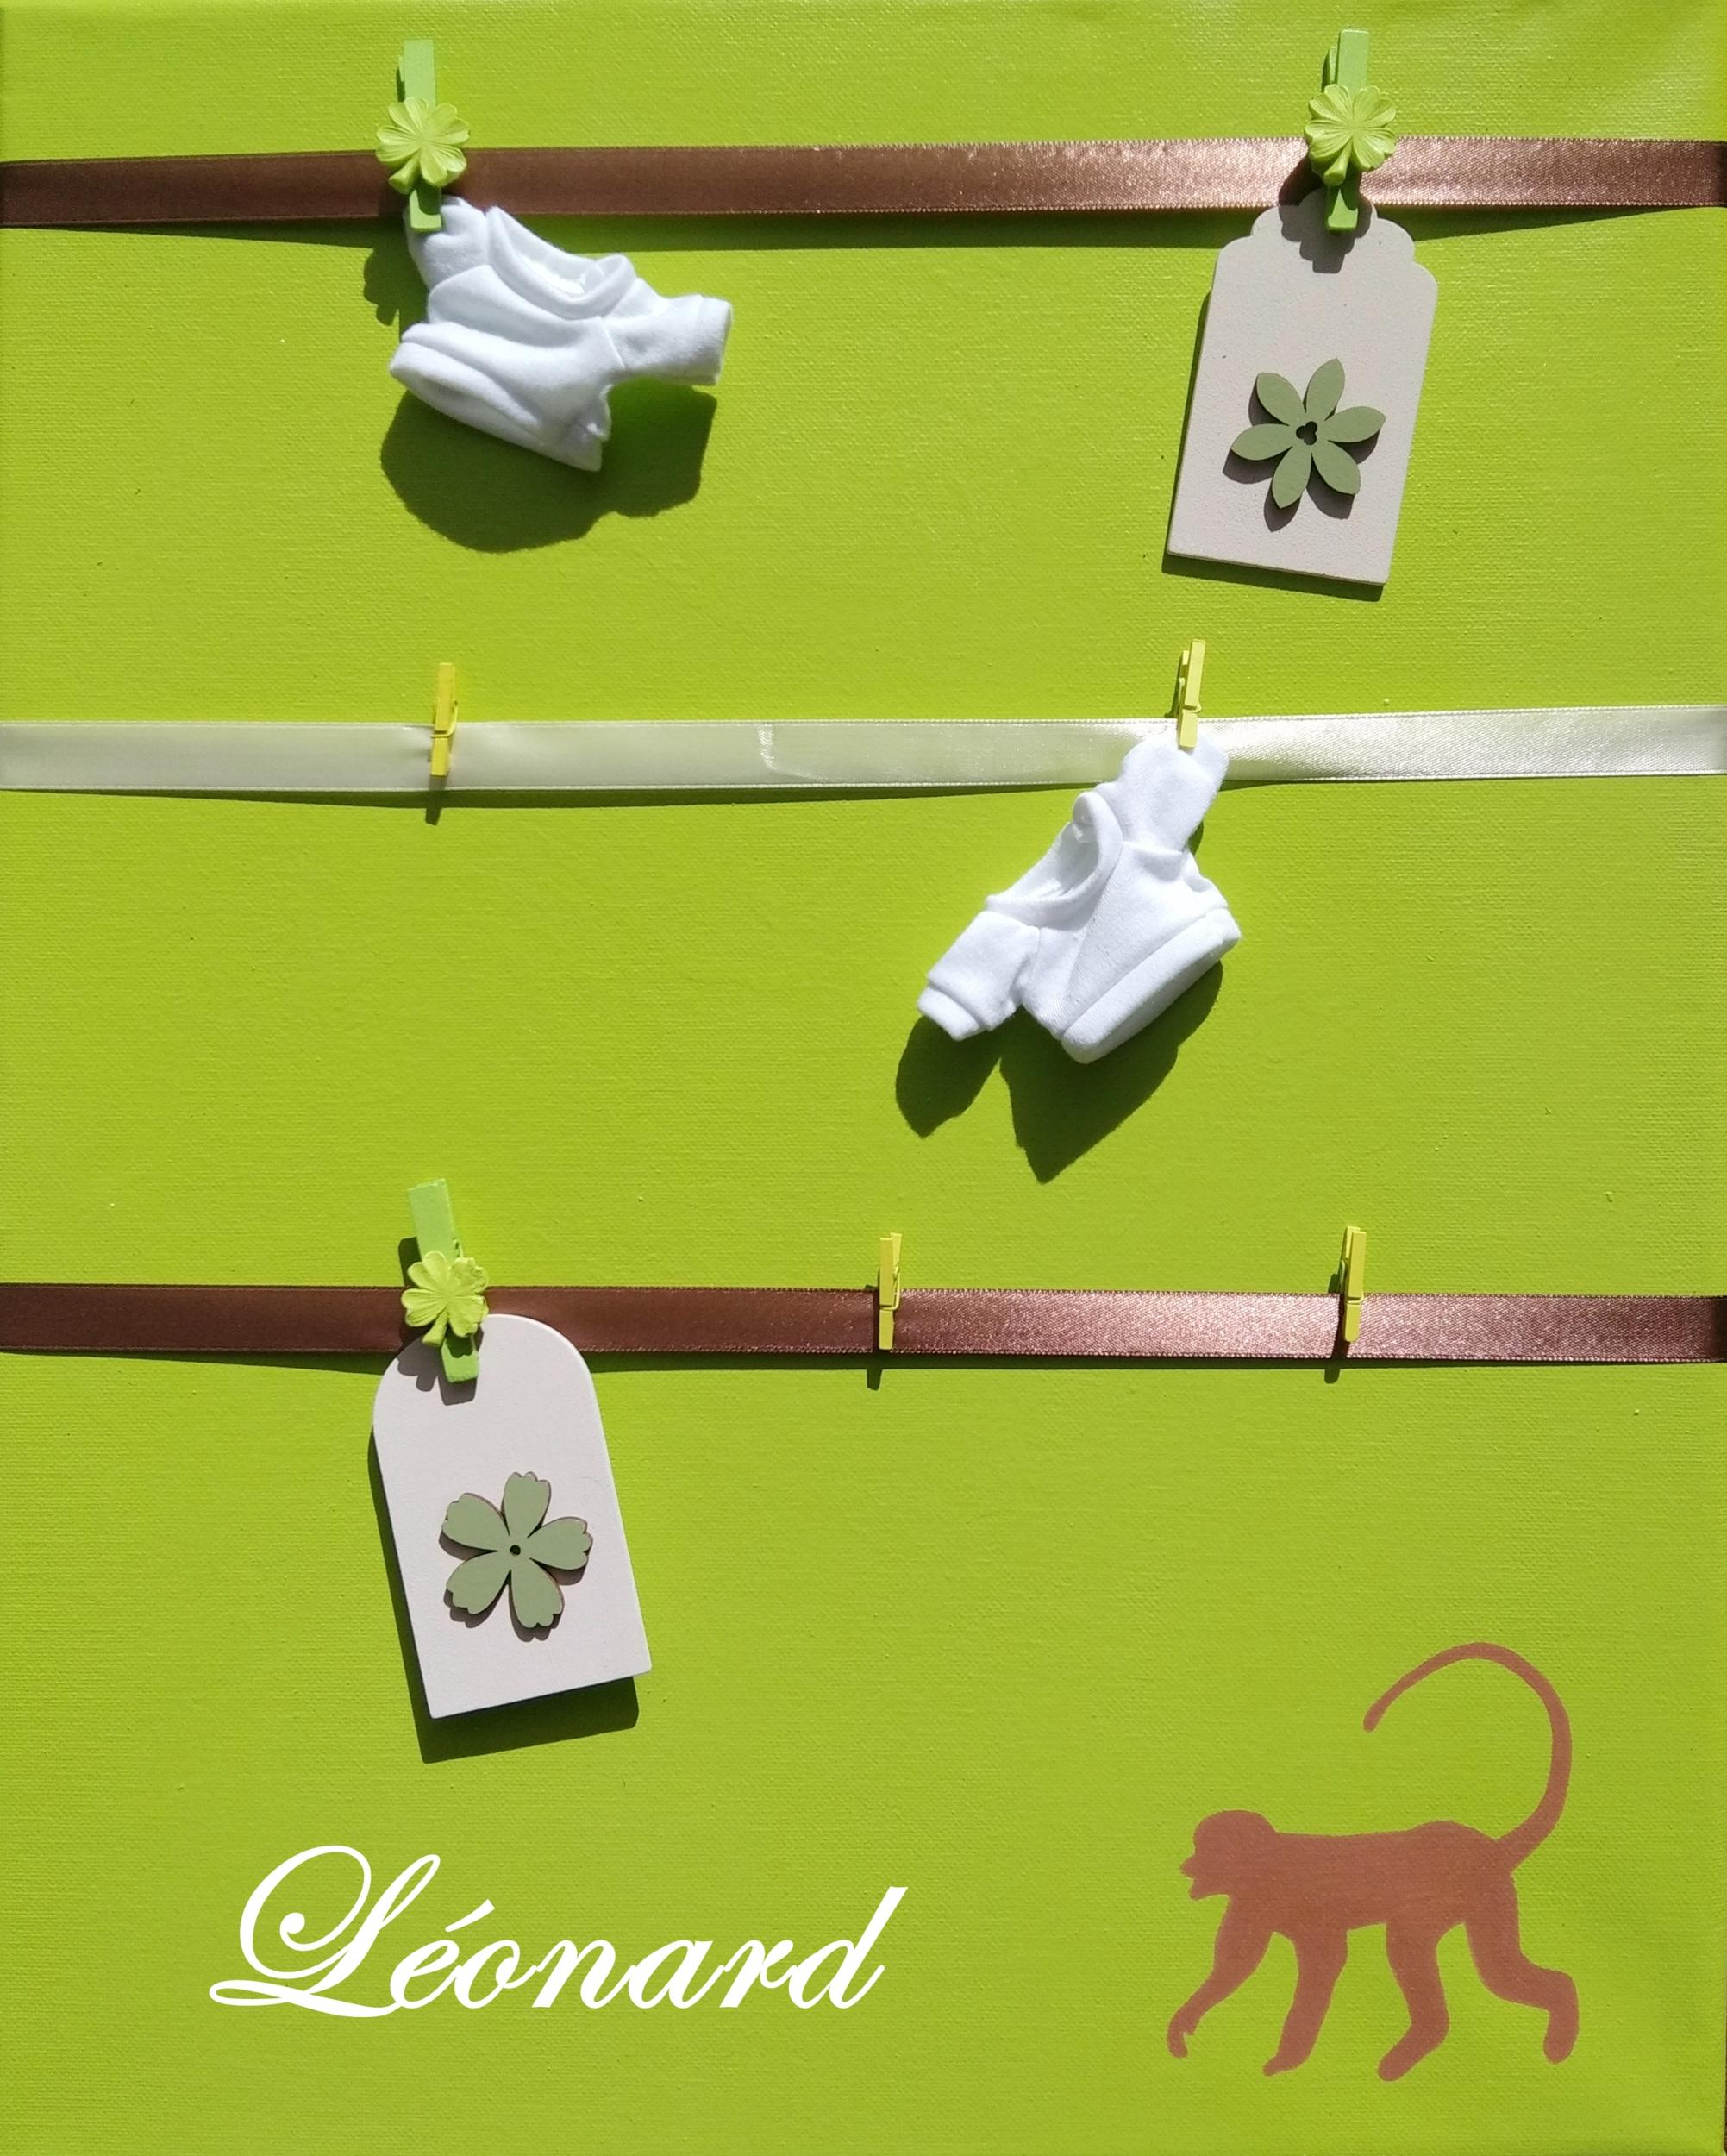 pele mele enfant bébé jungle vert anis chocolat beige singe